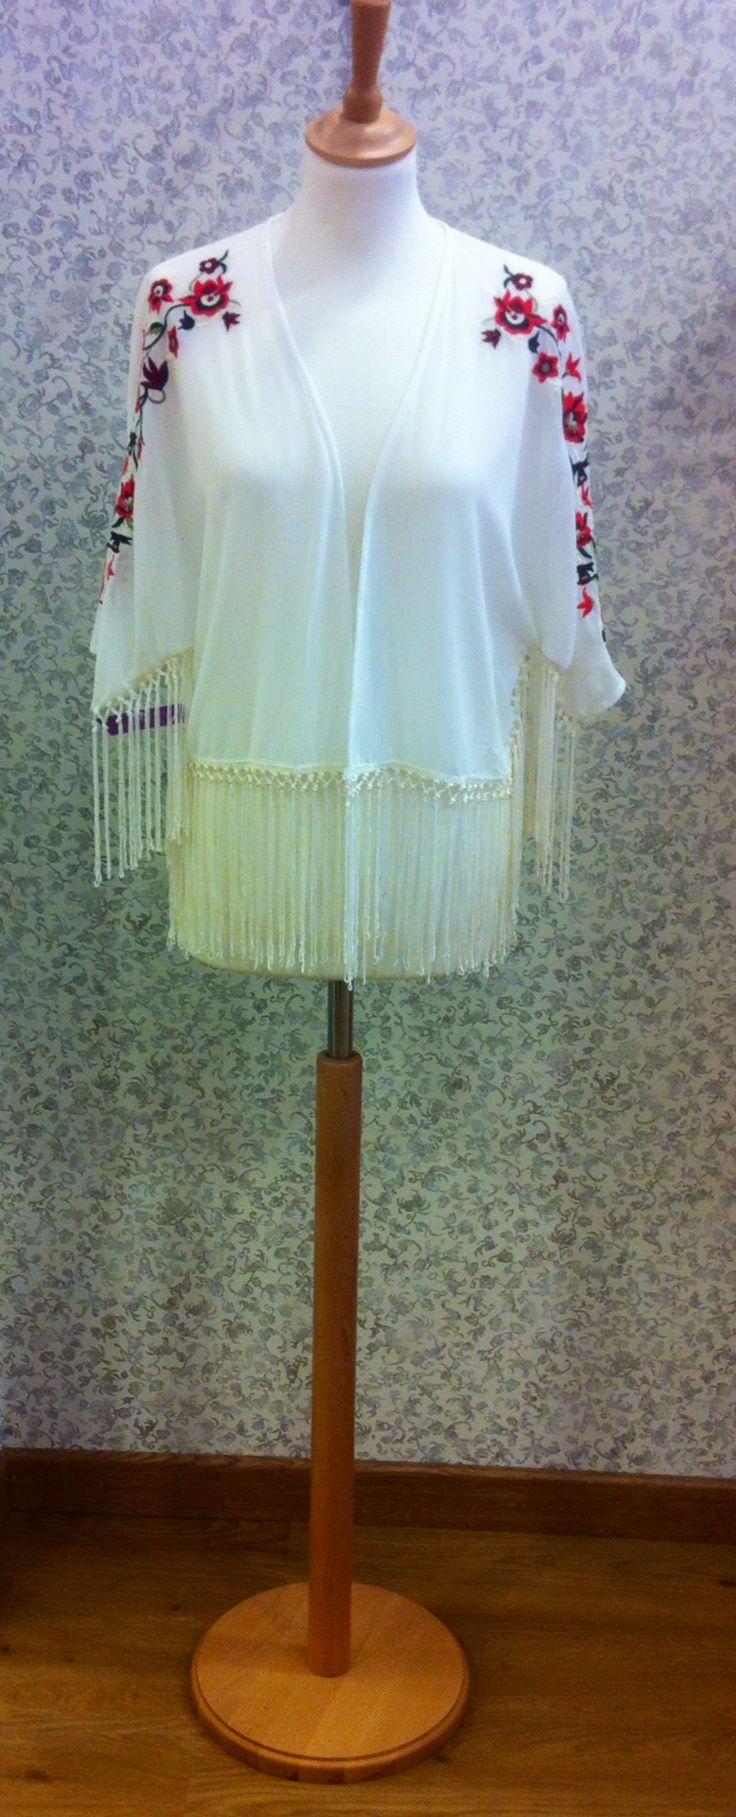 Kimono corto bordados en los hombros